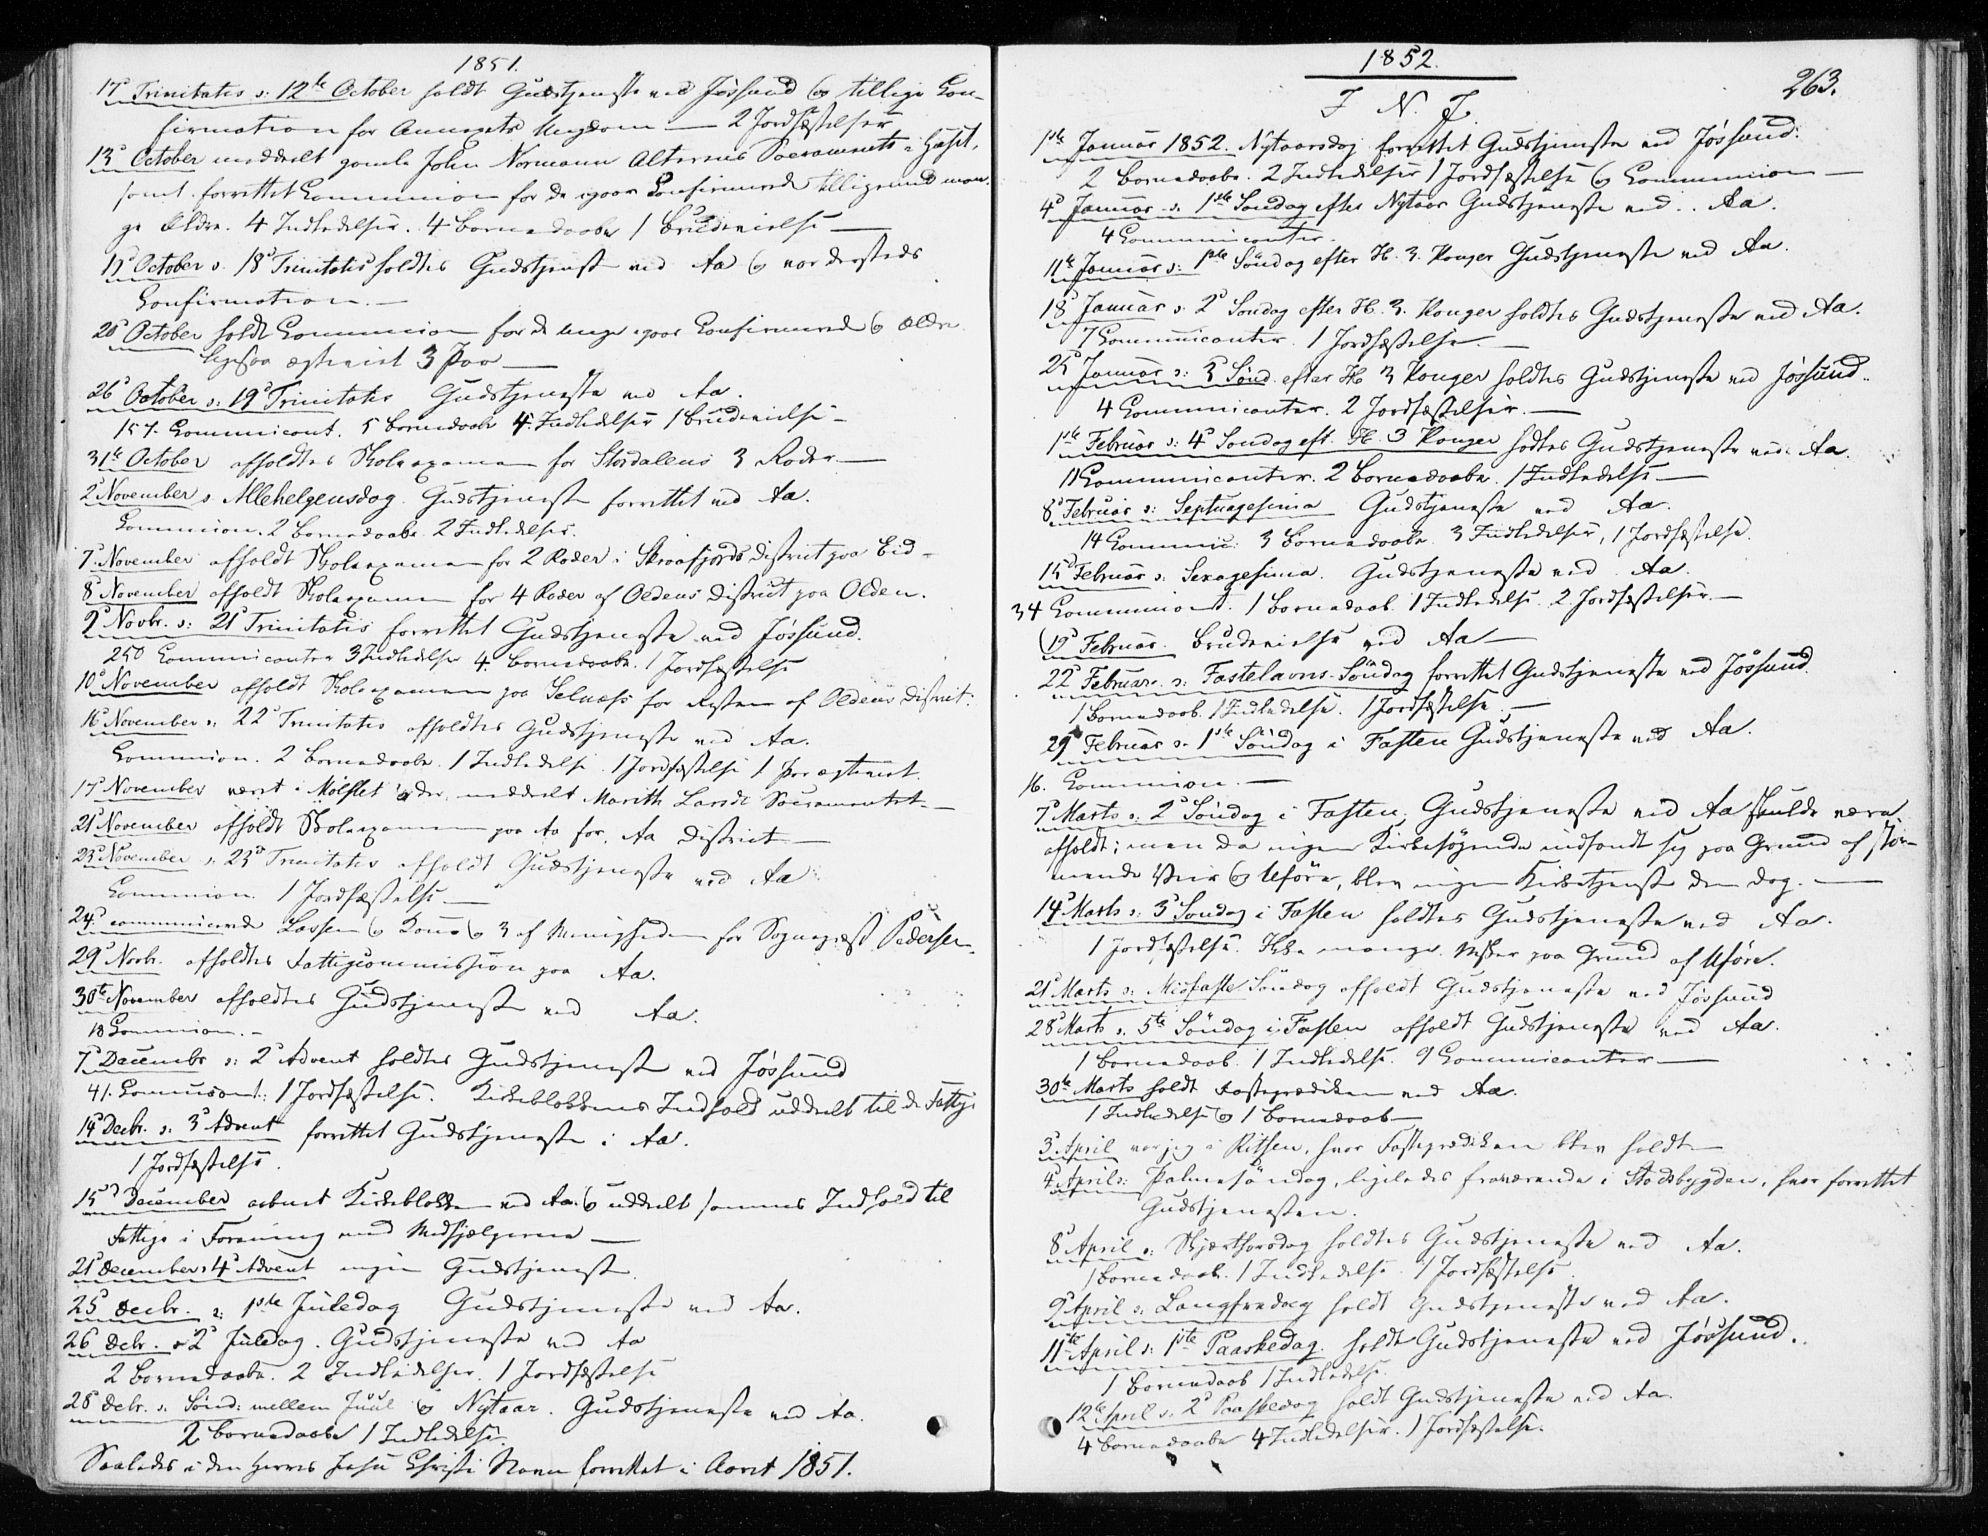 SAT, Ministerialprotokoller, klokkerbøker og fødselsregistre - Sør-Trøndelag, 655/L0677: Ministerialbok nr. 655A06, 1847-1860, s. 263